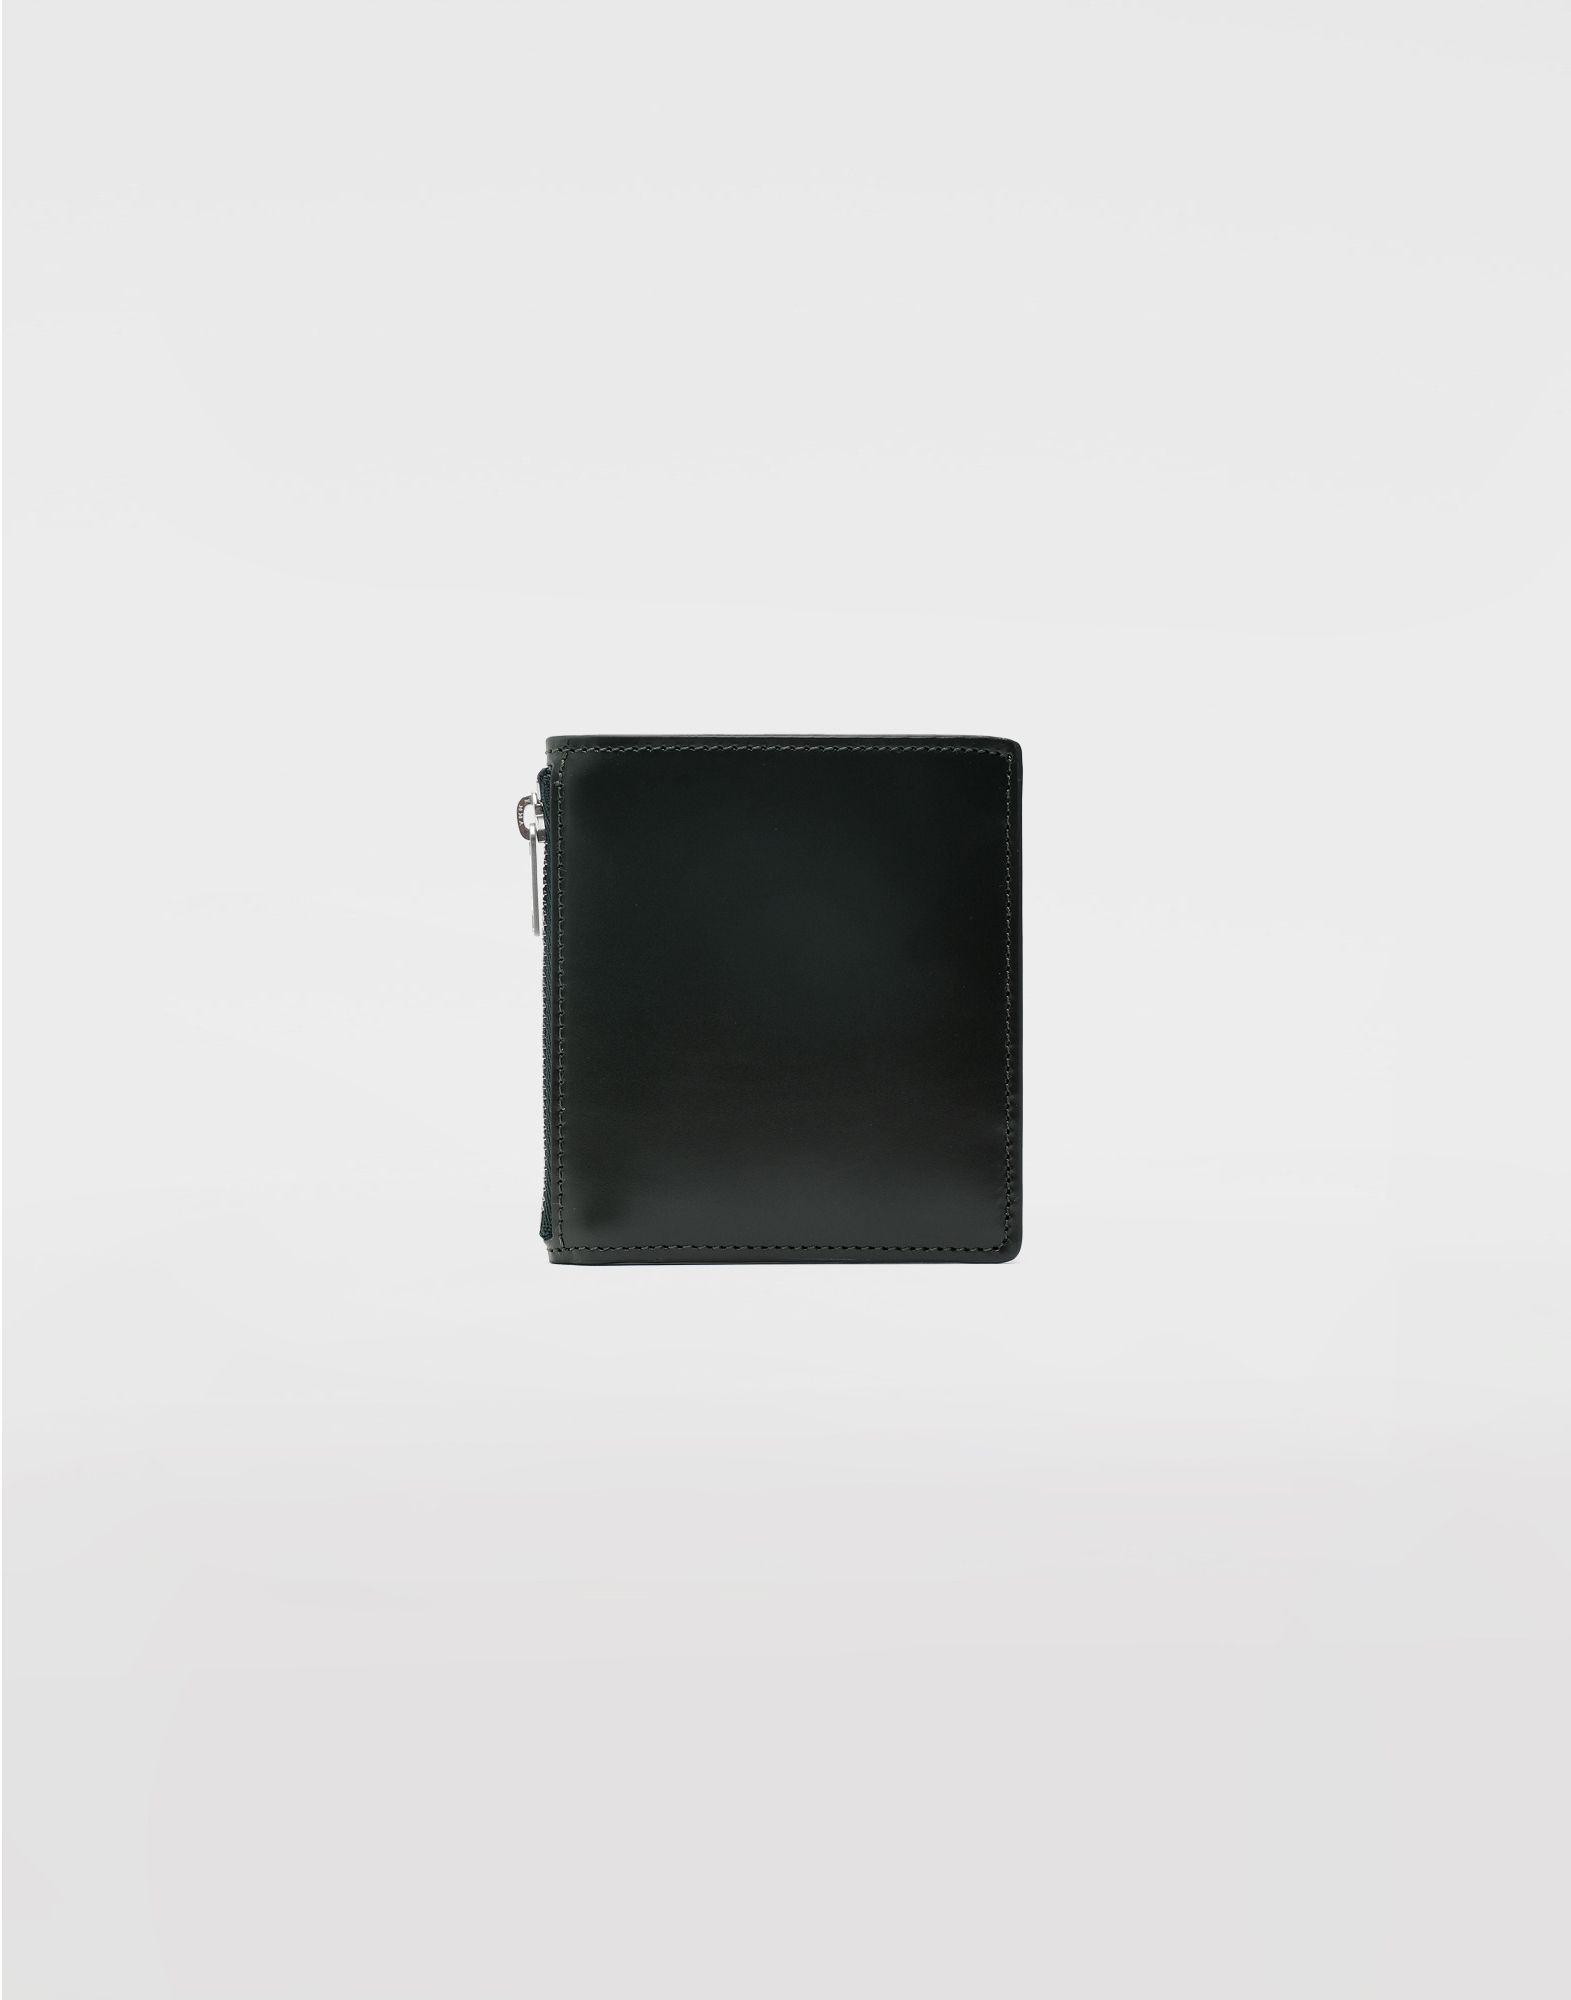 MAISON MARGIELA Kleine, zweifach klappbare Brieftasche aus Kalbsleder Portemonnaie Herr f